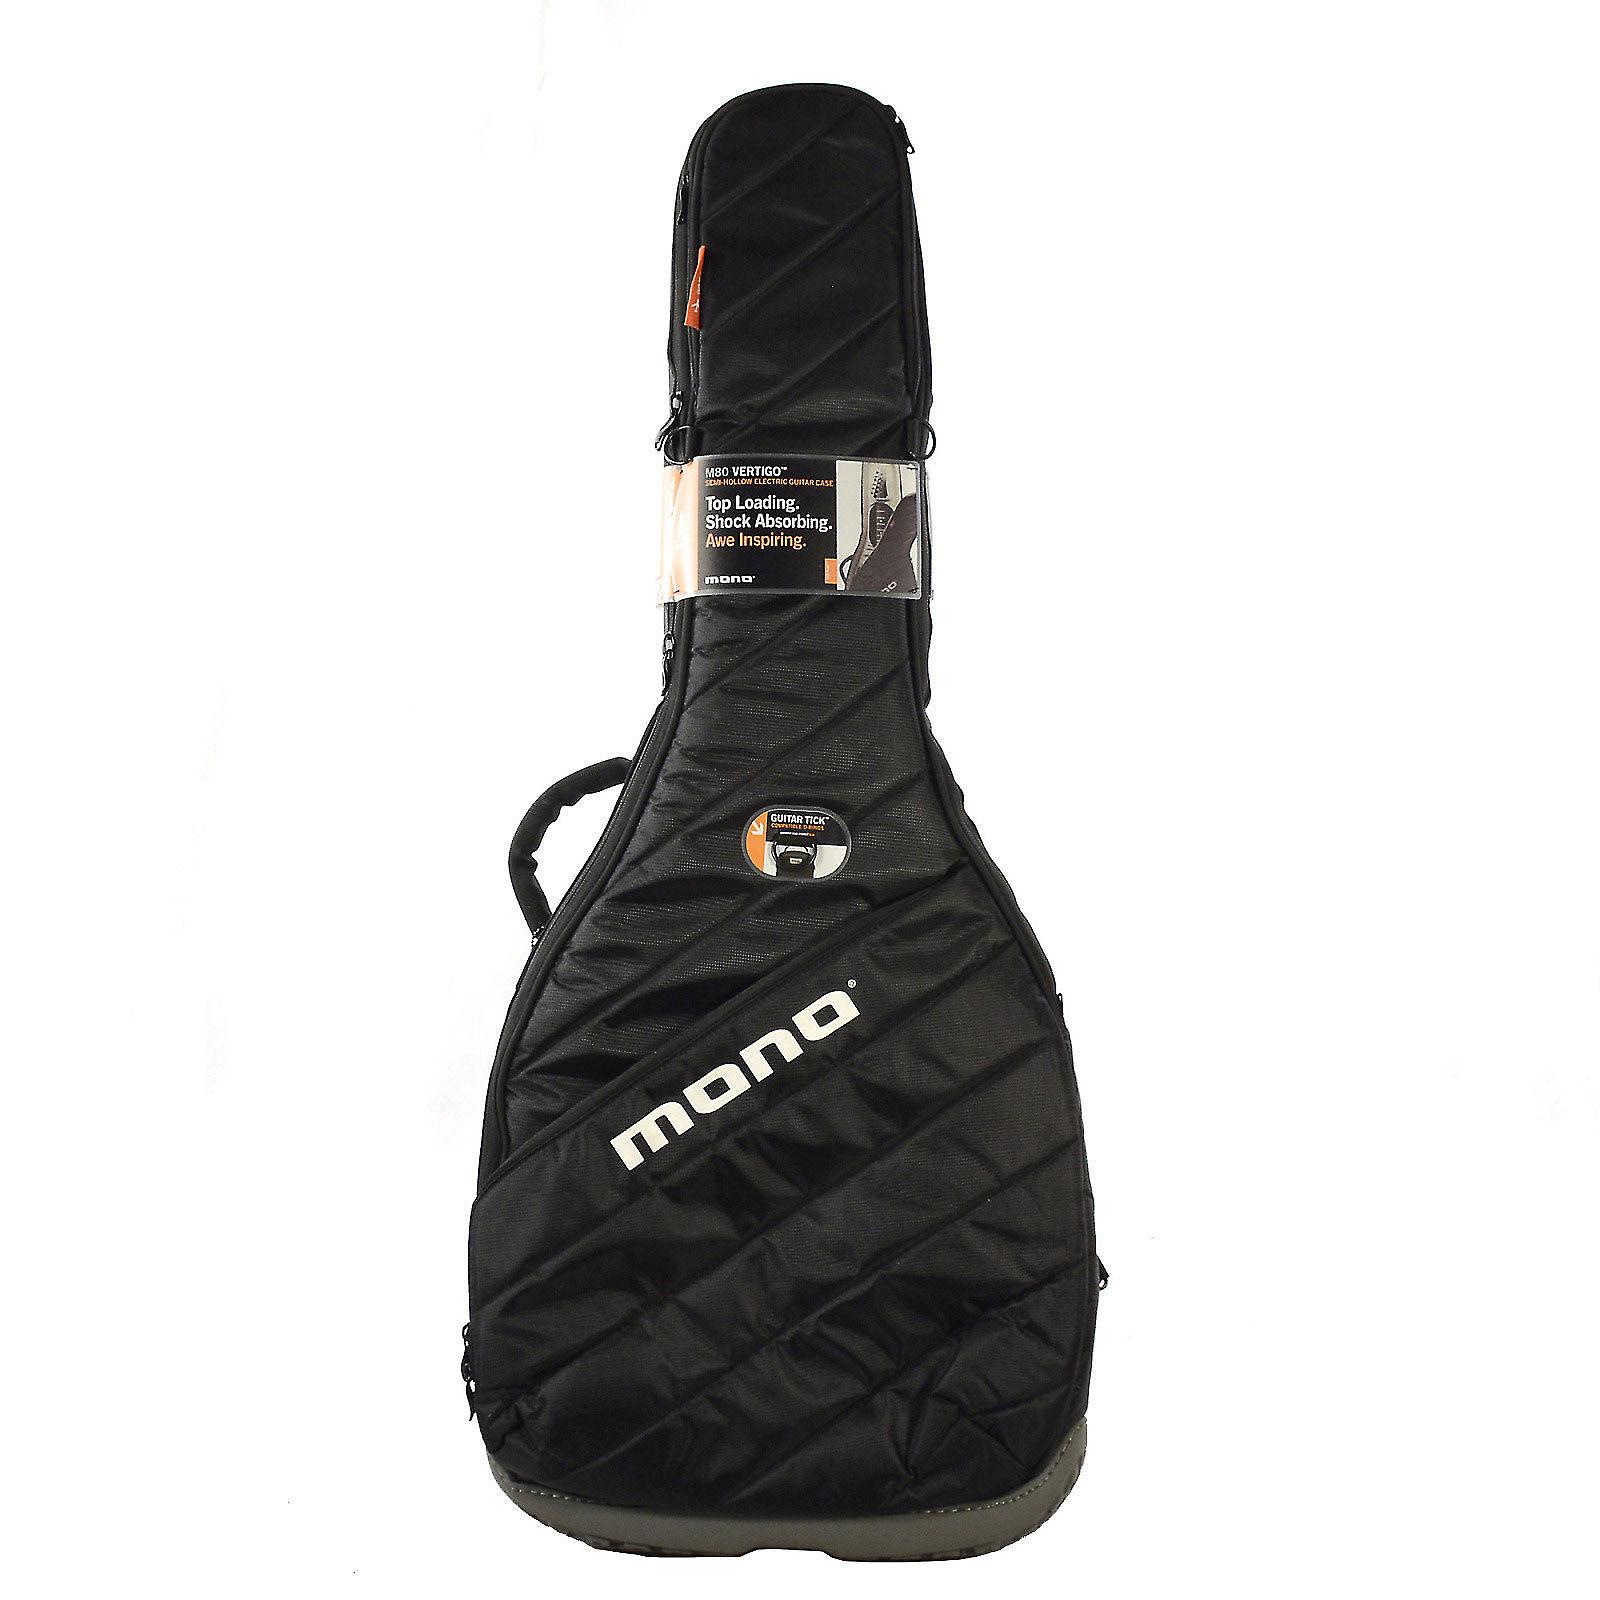 mono vertigo semi hollow electric guitar hybrid gig bag reverb. Black Bedroom Furniture Sets. Home Design Ideas